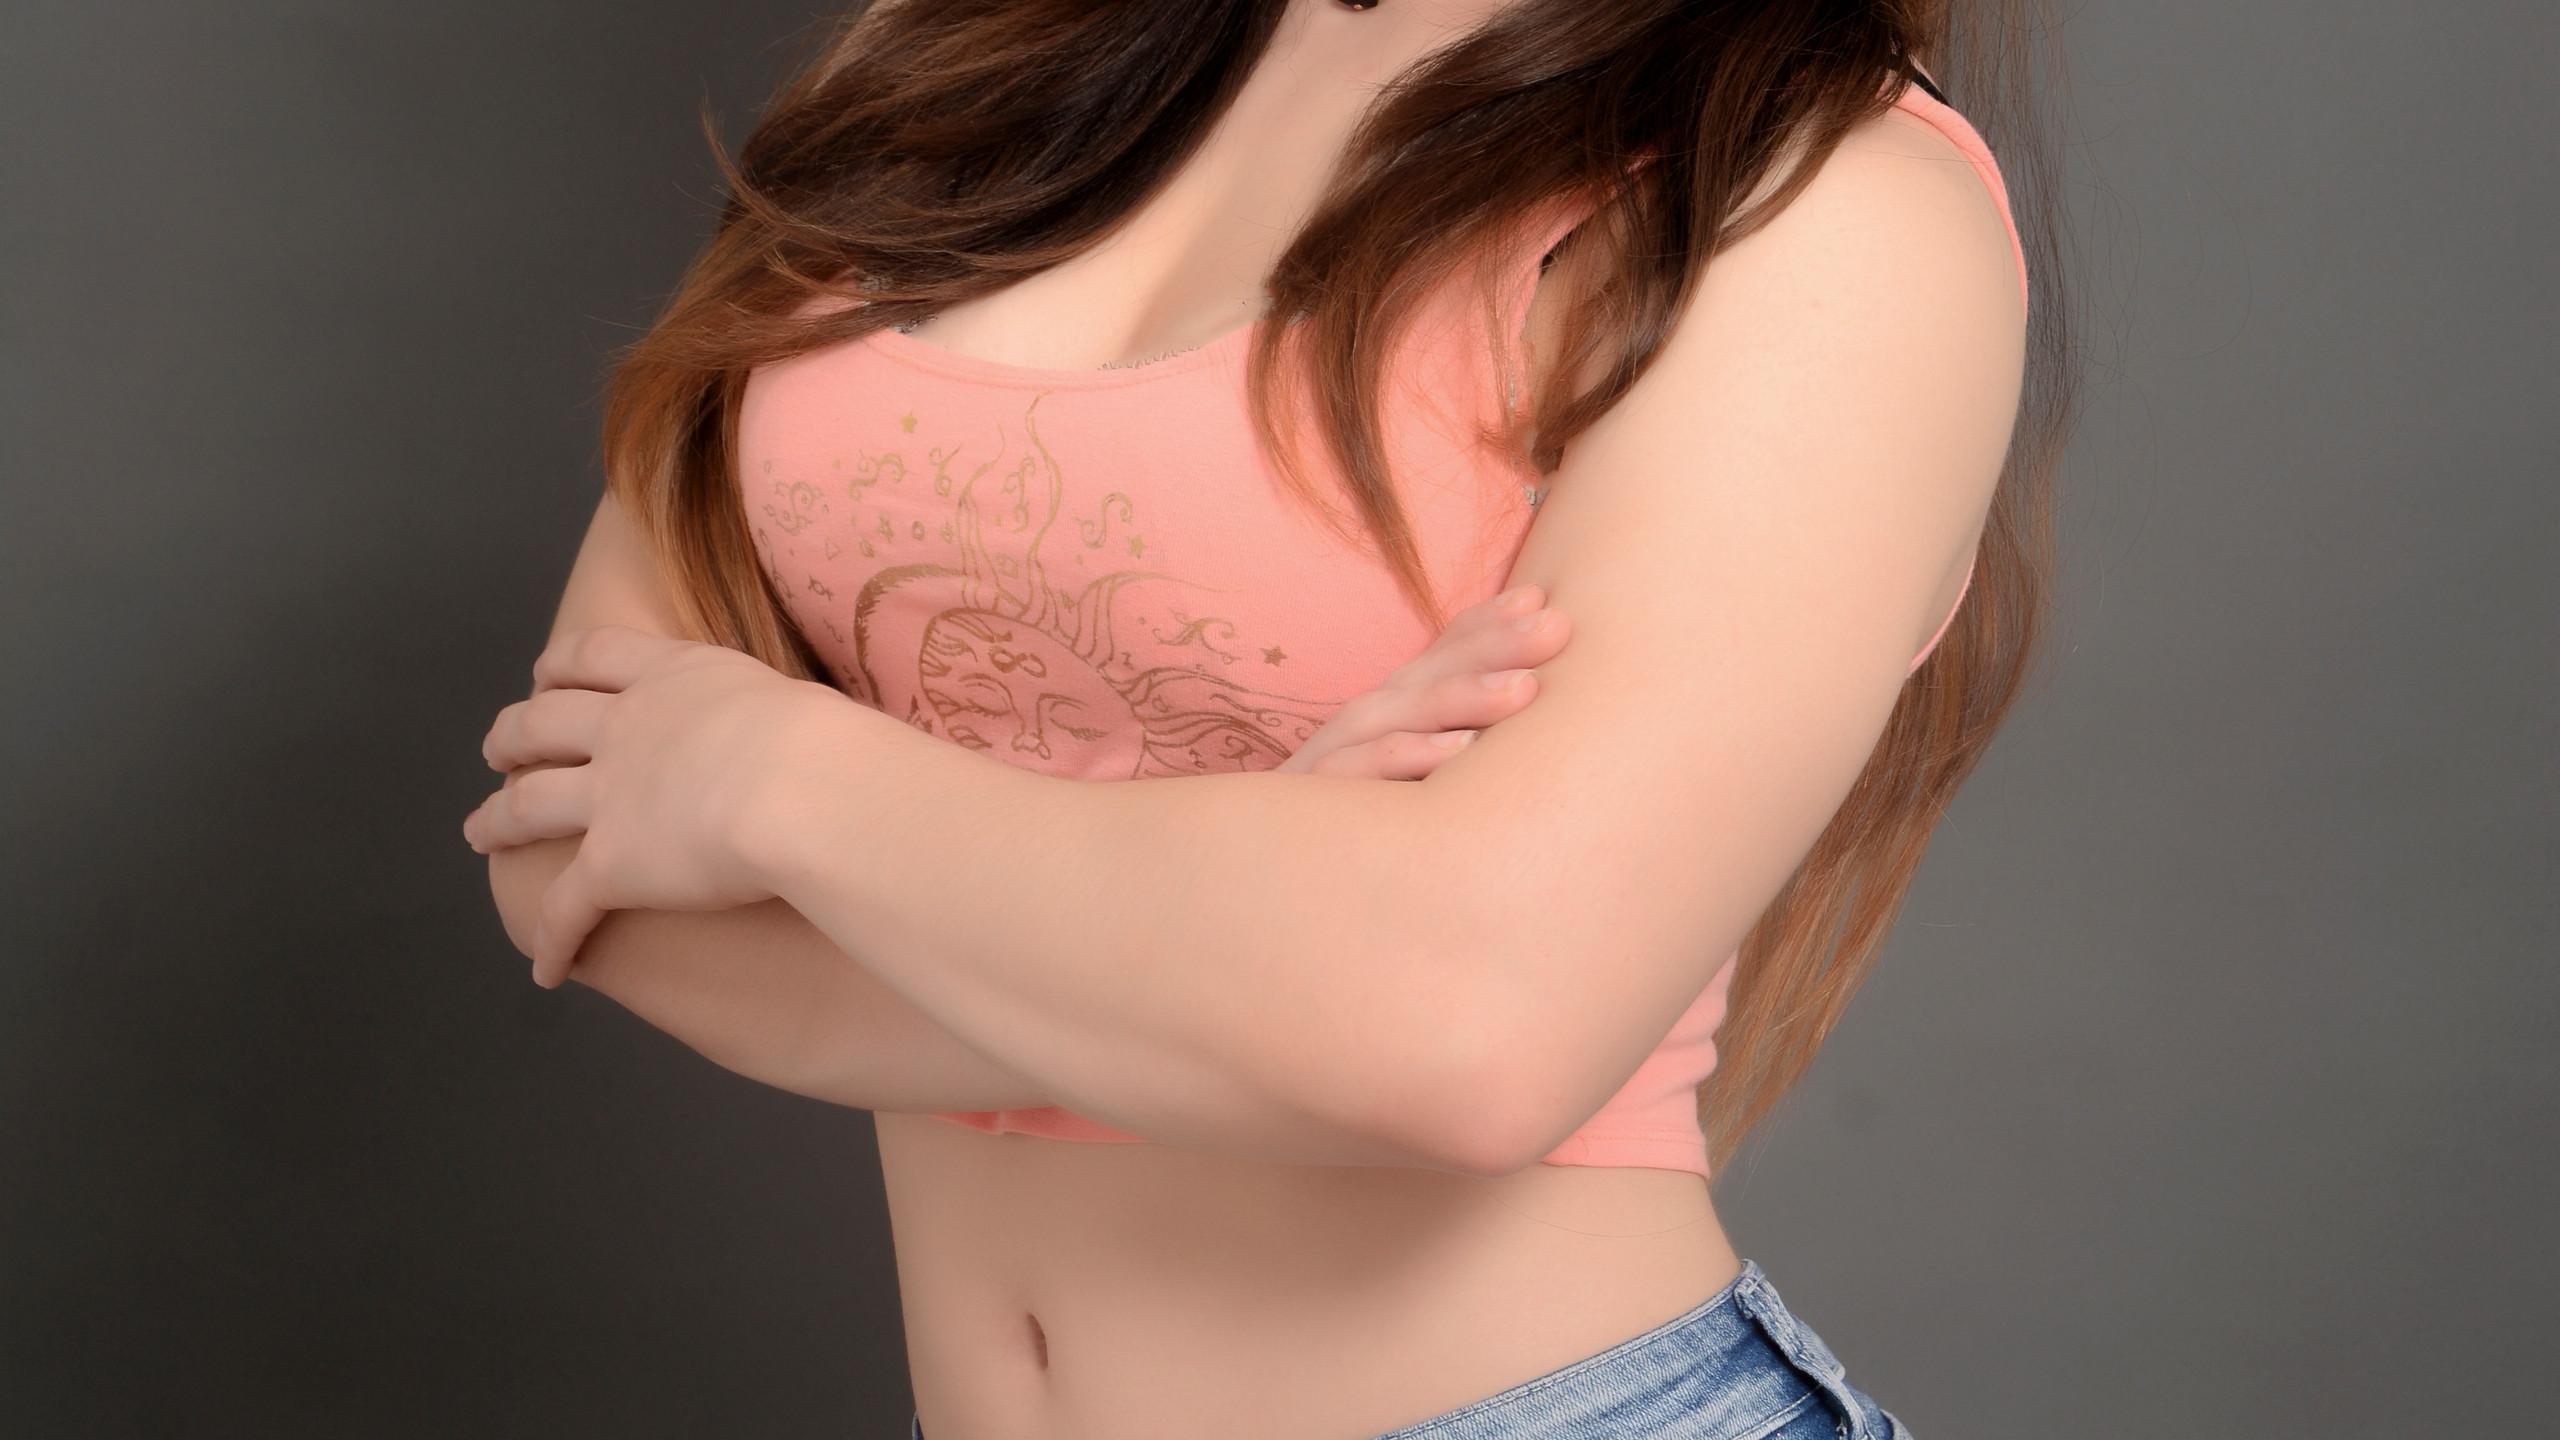 Vanilla Vargas